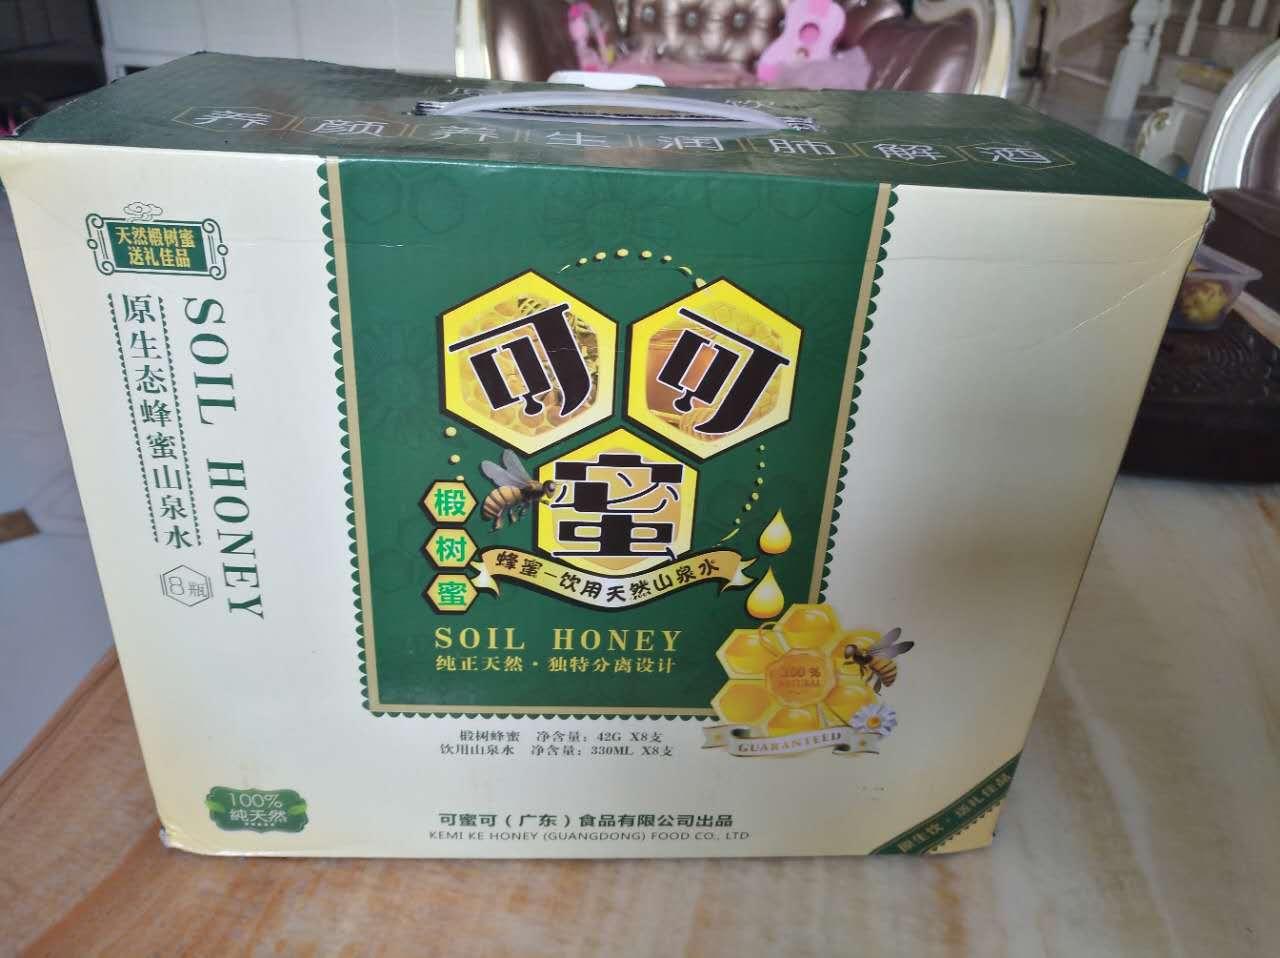 哪里能买到放心的可可蜜蜂蜜水、厦门可可蜜蜂蜜水加盟